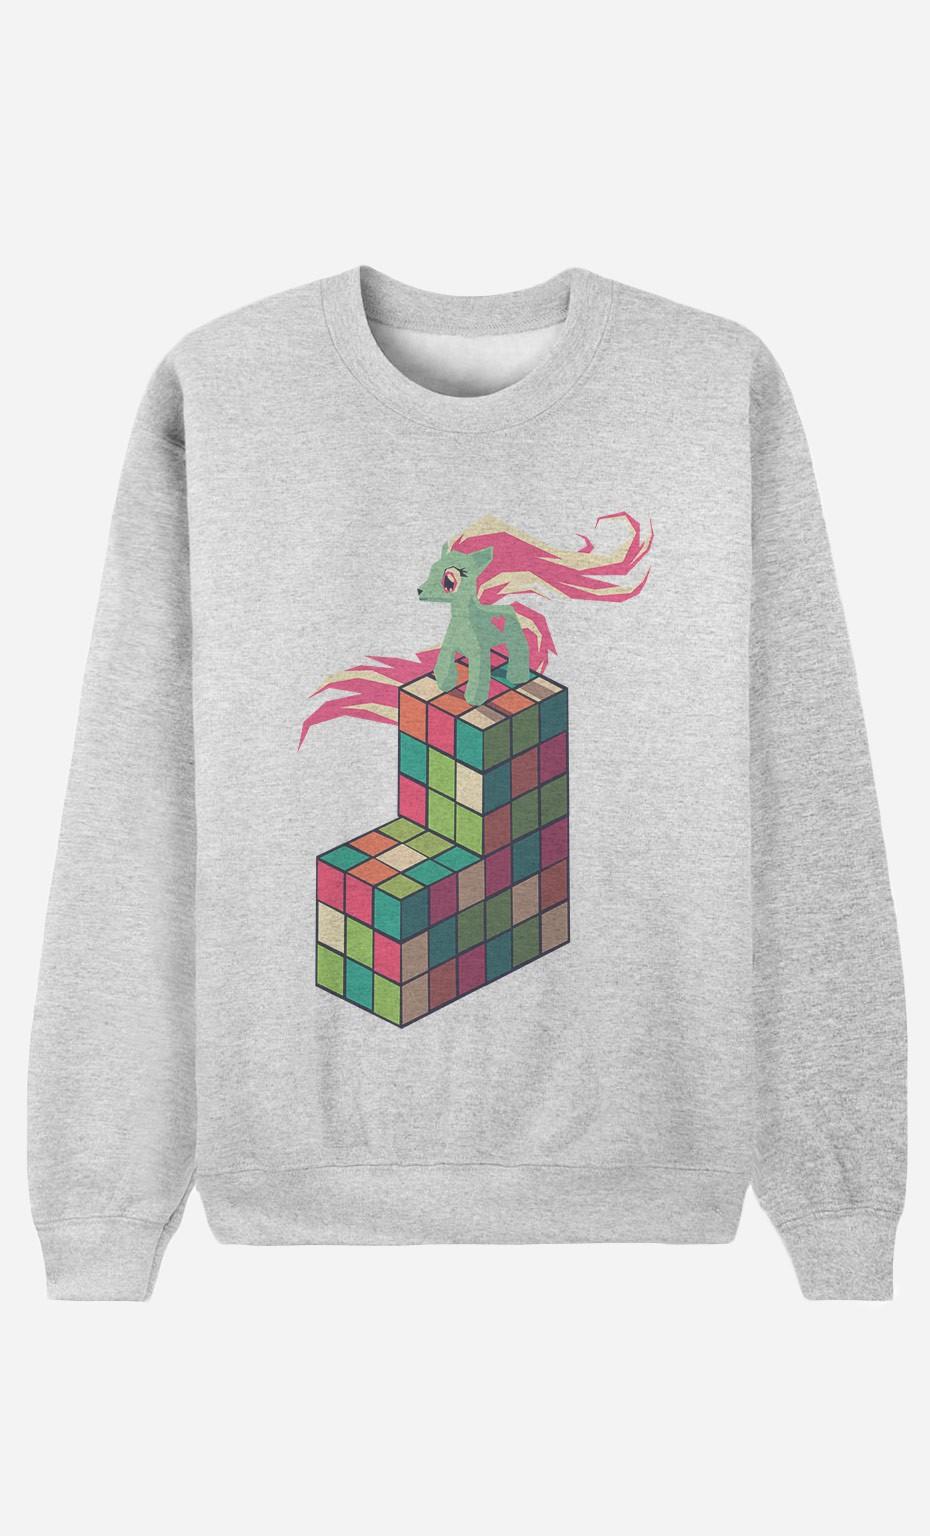 Sweatshirt Pony Rubik